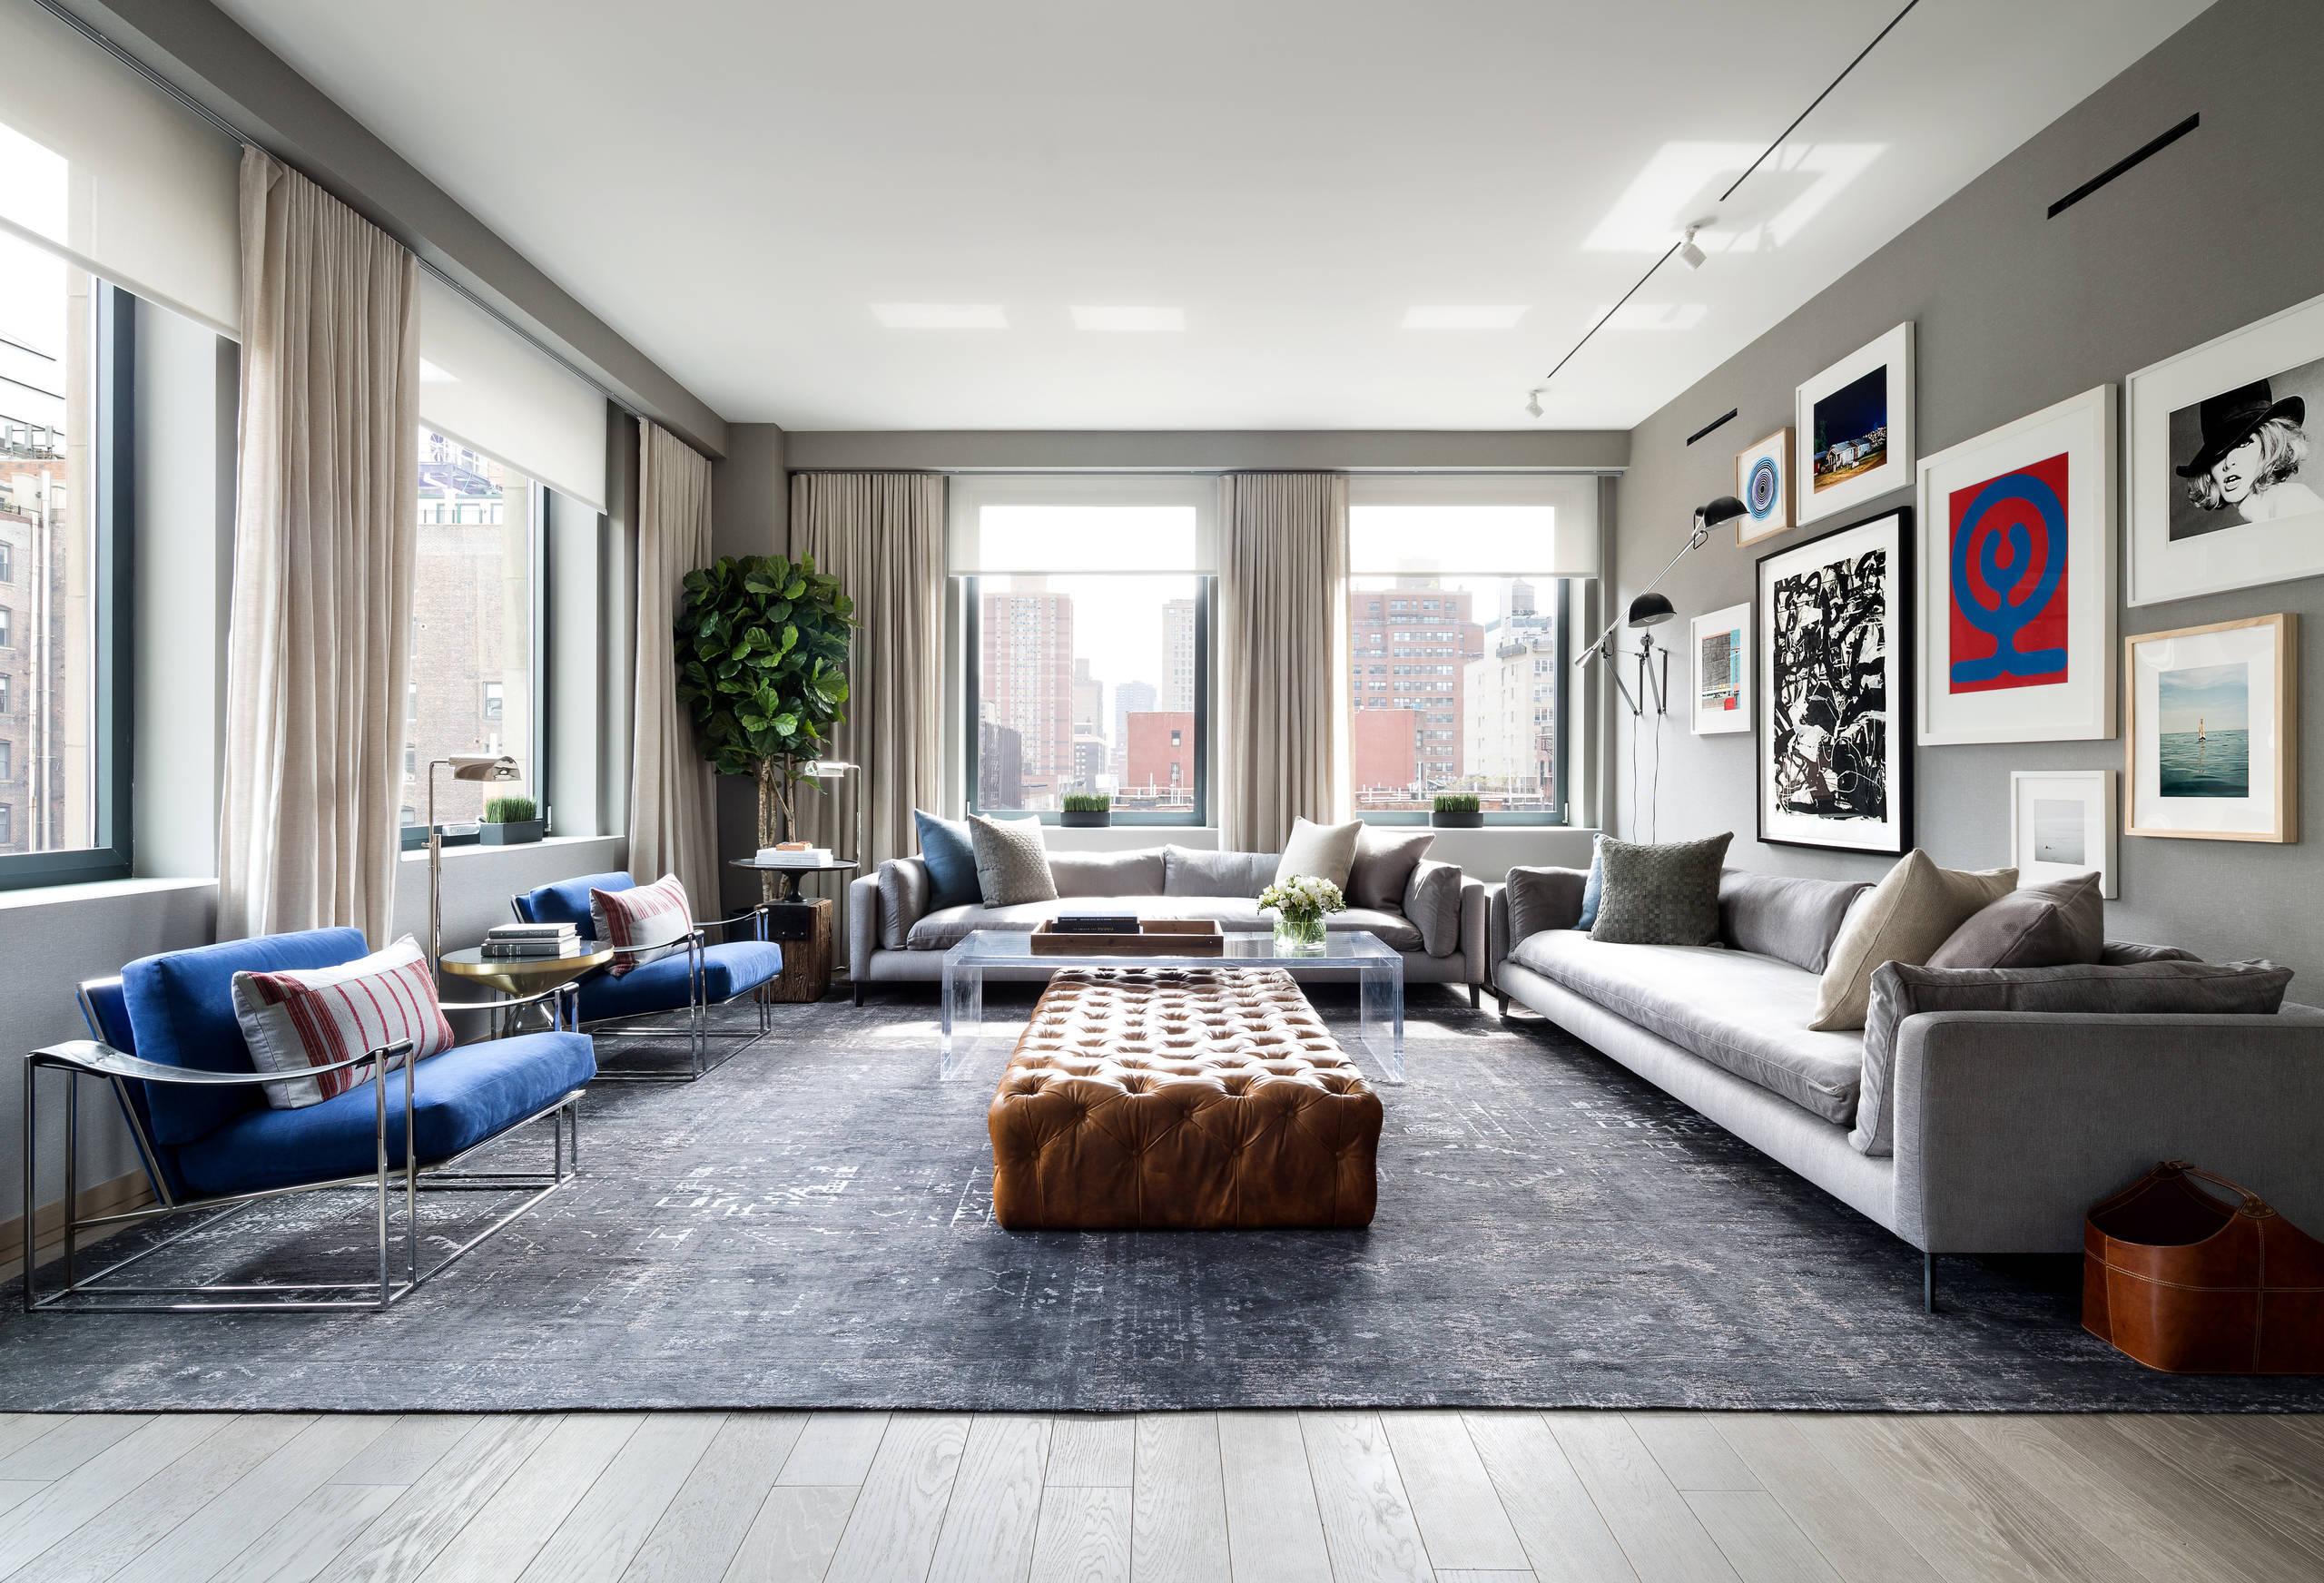 Das Wohnzimmer Grau gestalten: Weder die blauen Sessel noch die Wandgestaltung mit Bildern sind der Blickfang im Wohnzimmer, sondern die Lederbank in der Mitte des Raums.